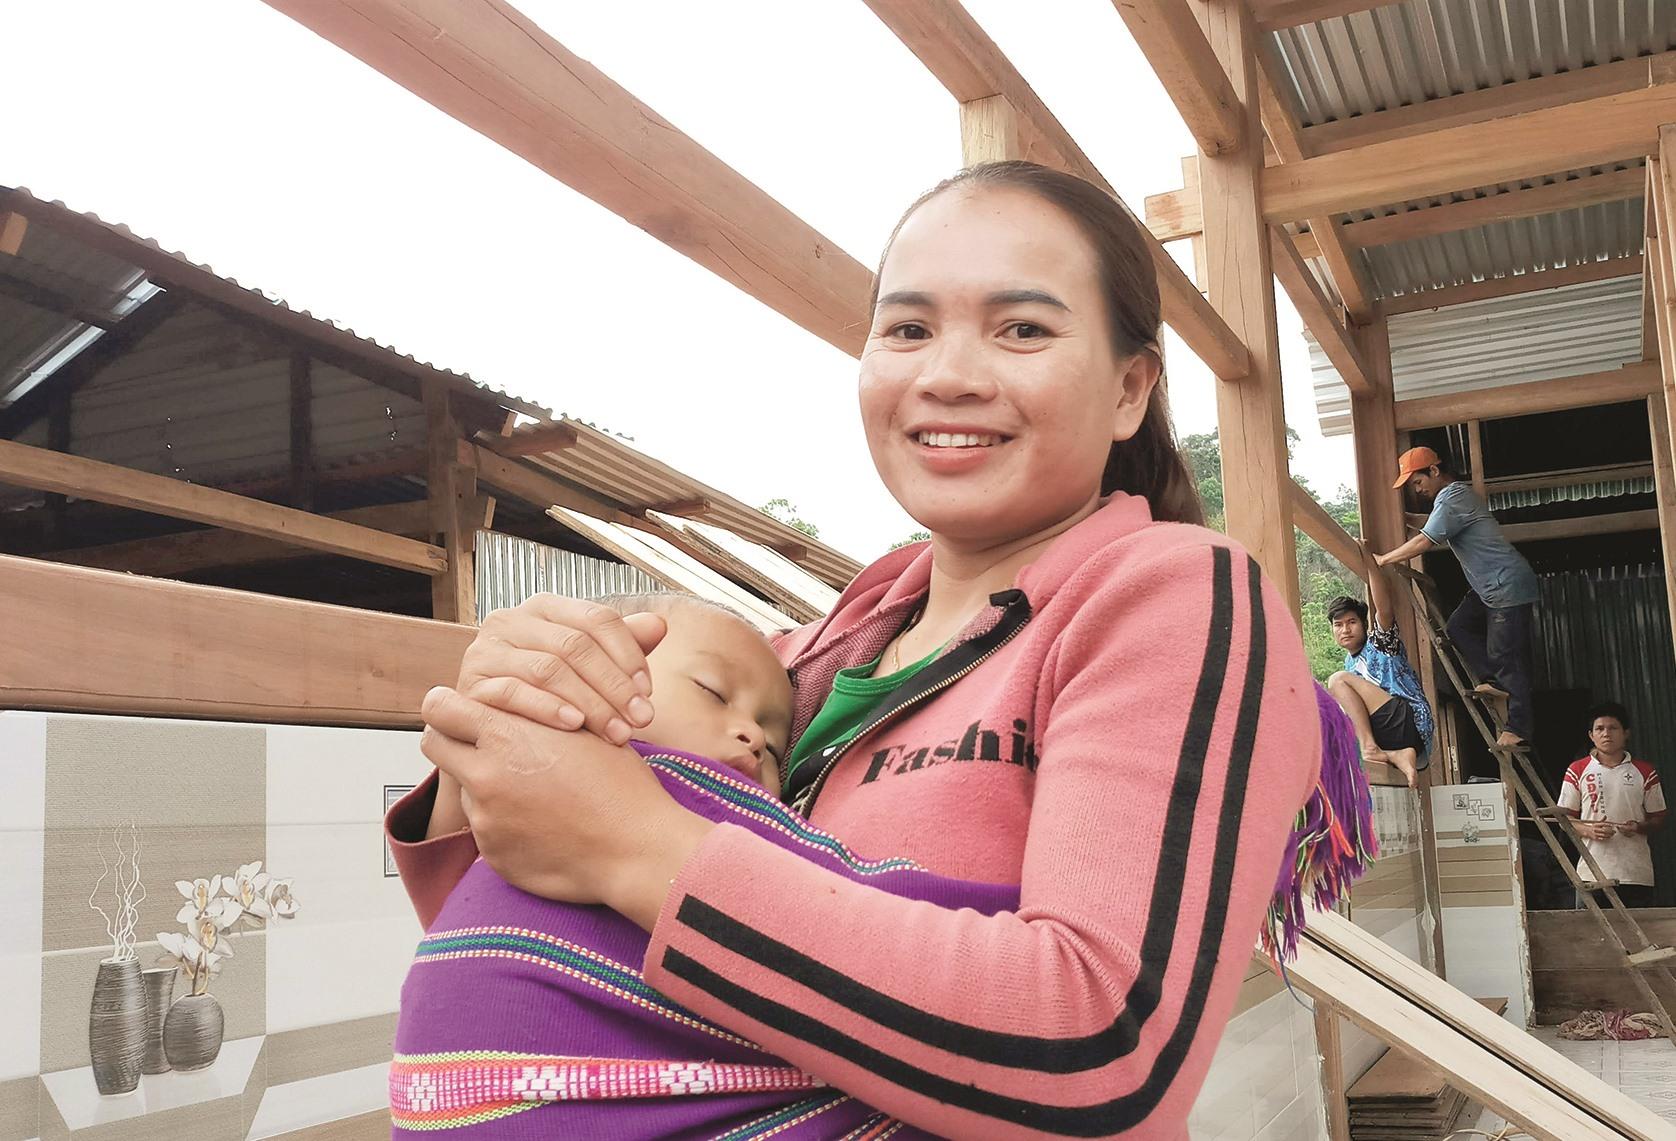 Chị Nguyễn Thị Tình nói, gần 1 năm ở tạm, mẹ con chị đều chờ mong đến ngày được dọn về sống trong căn nhà mới.